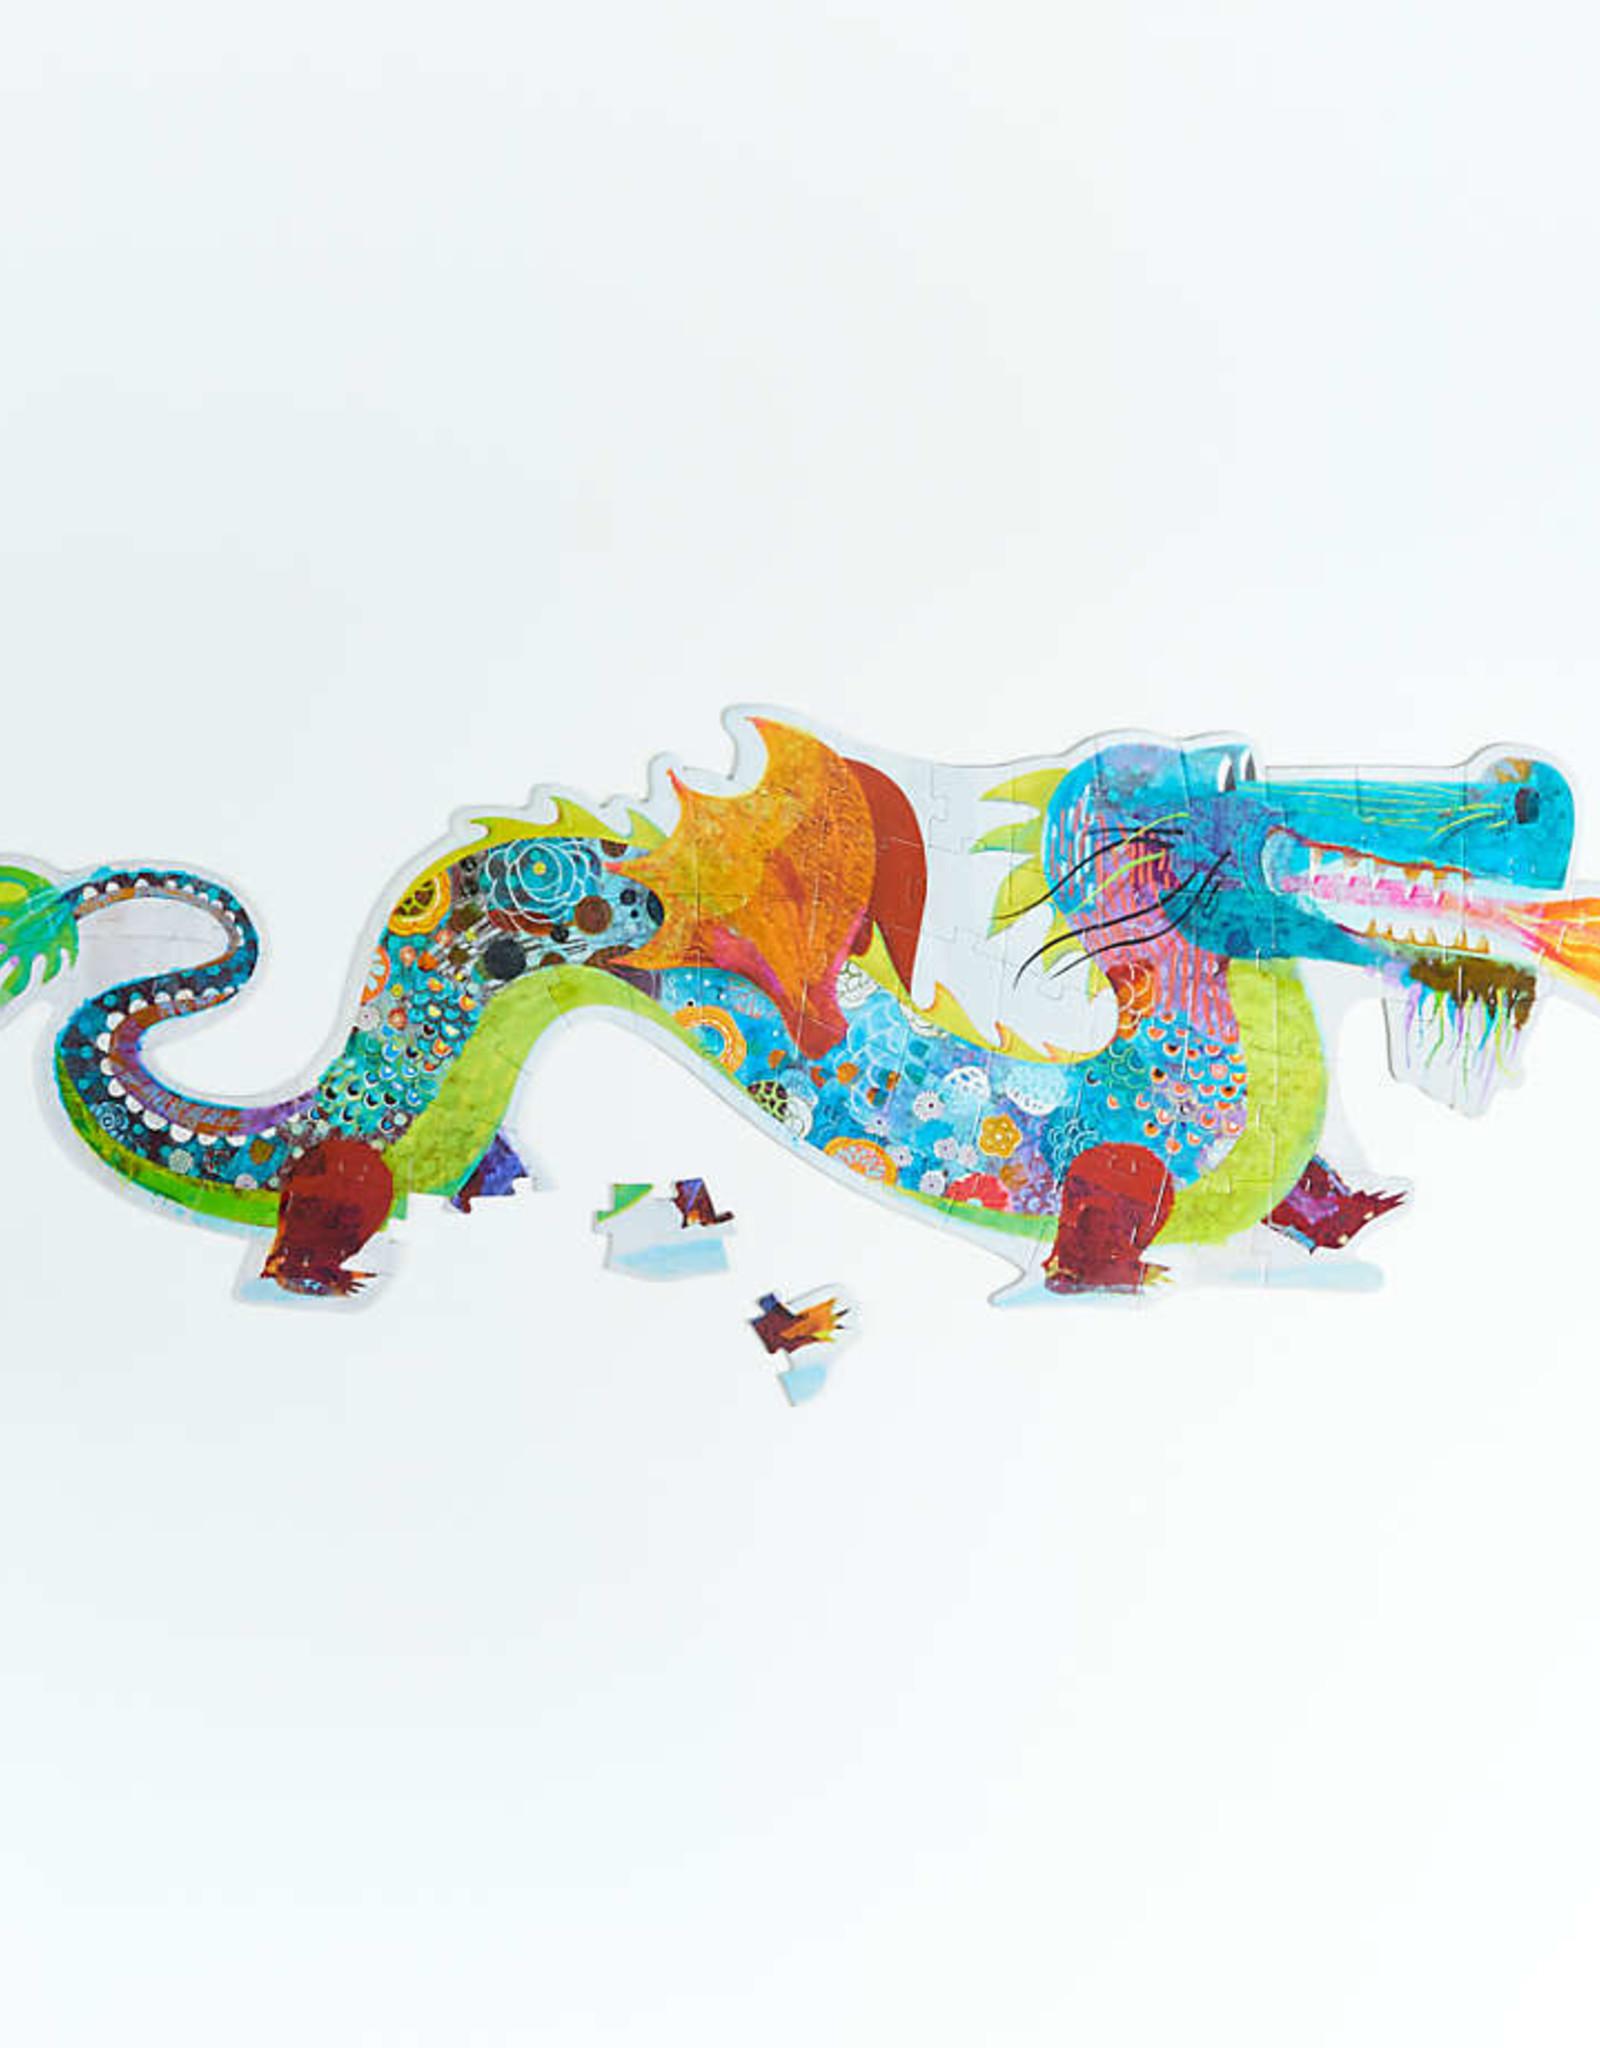 Giant Floor Puzzle  Leon the Dragon